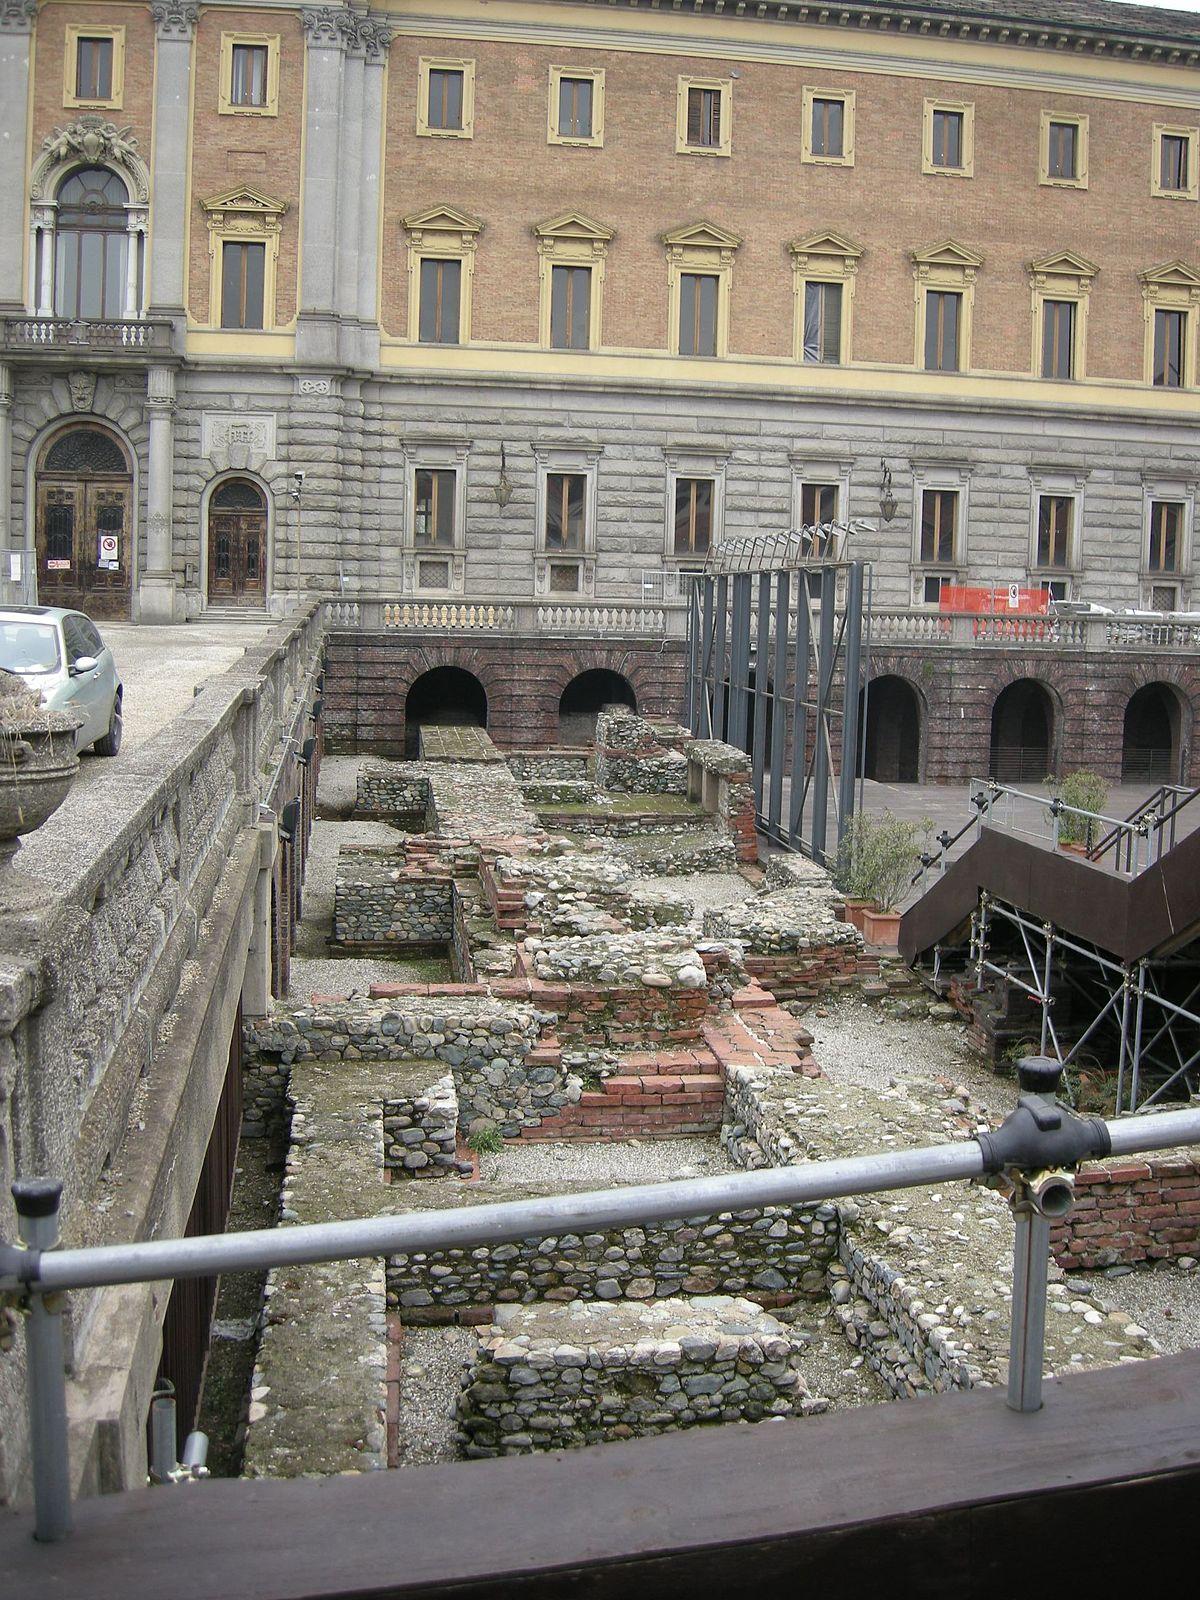 Teatro romano di Torino  Wikipedia